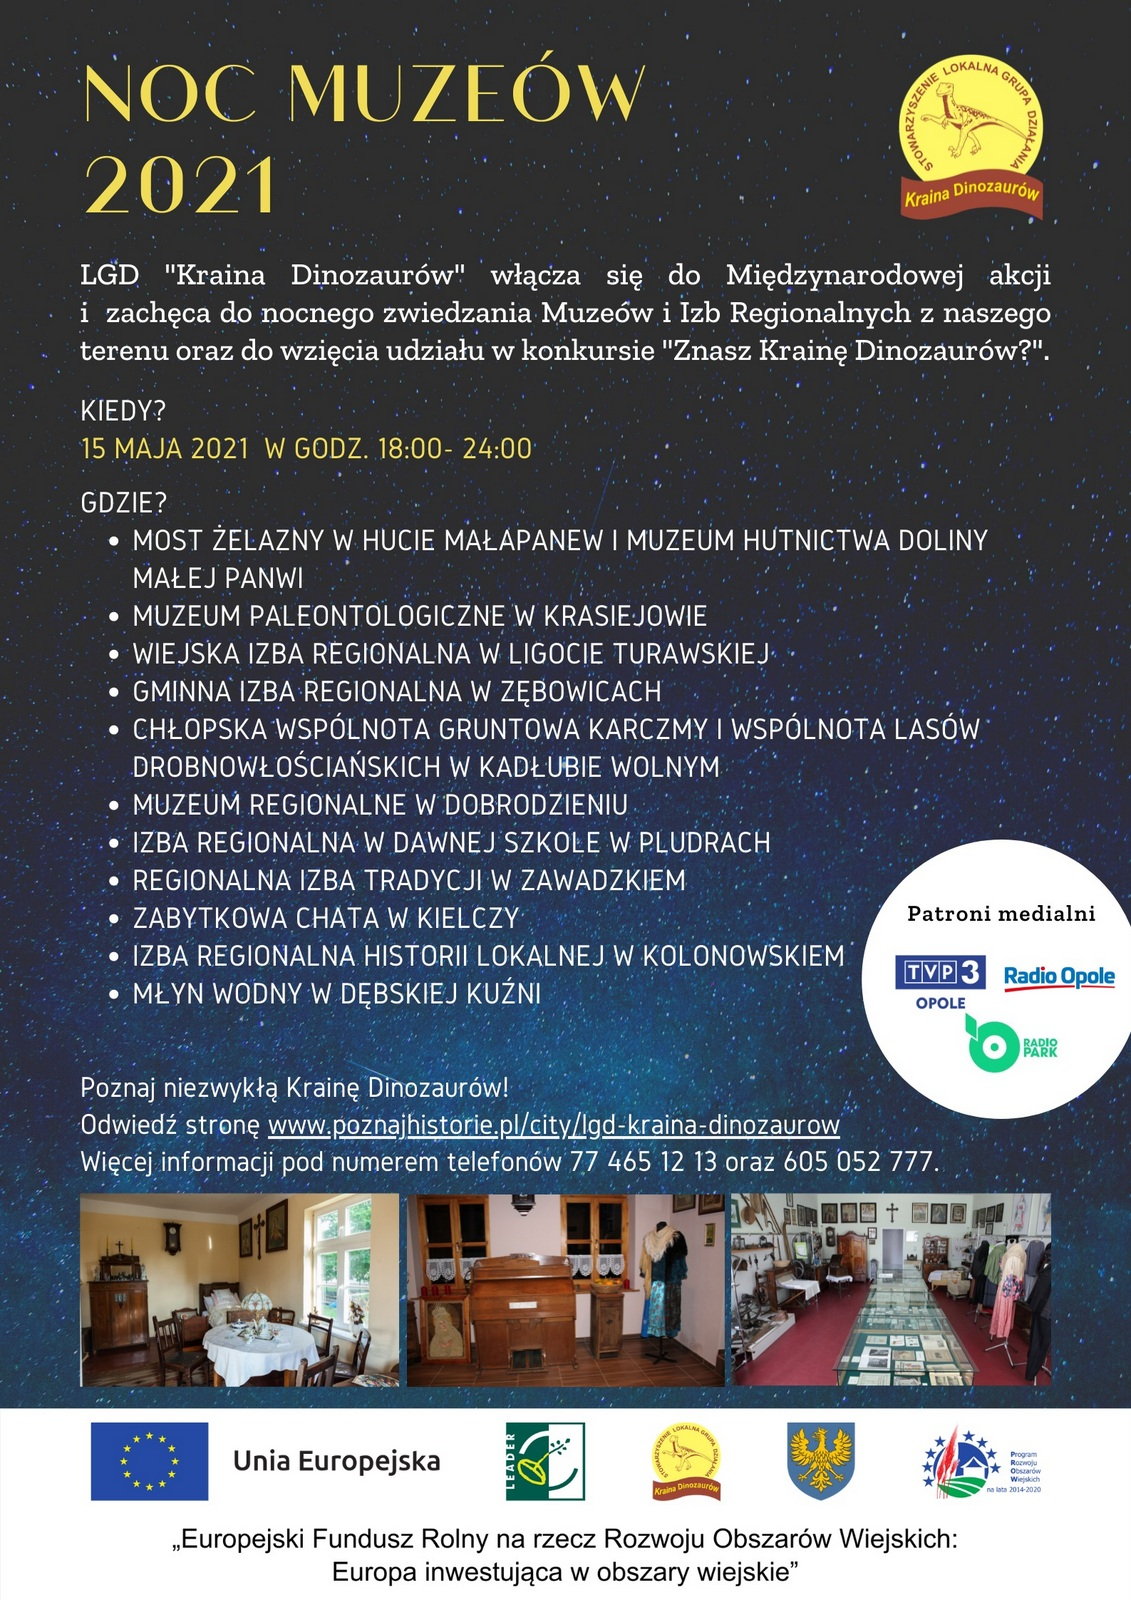 Plakat Nocy Muzeów 2021 organizowanej przez LGD 'Kraina Dinozaurów'